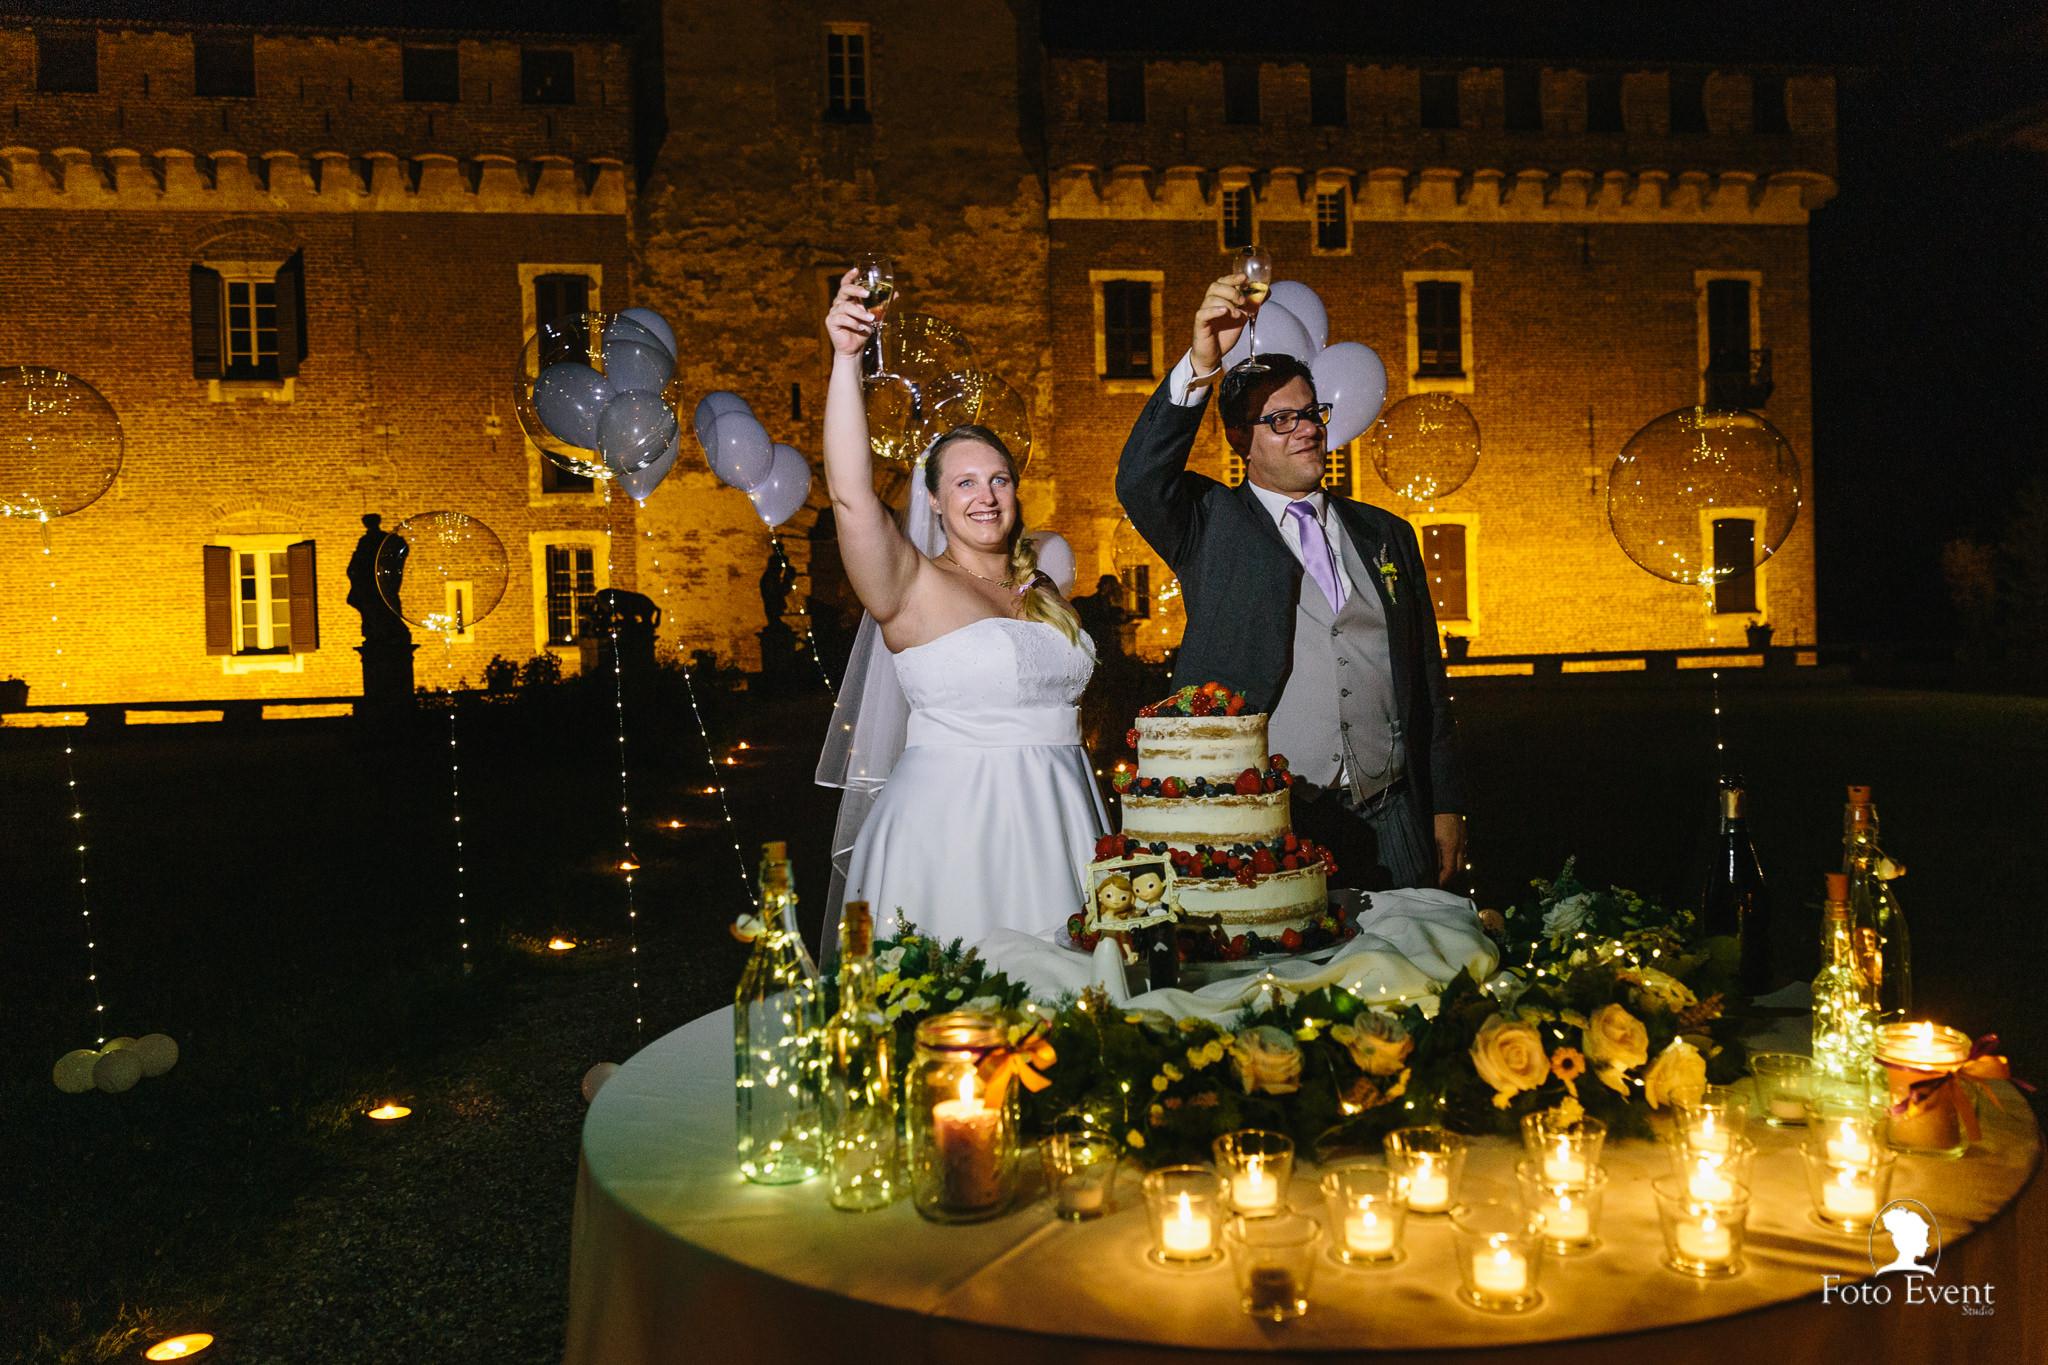 087-2019-07-27-Matrimonio-Valentina-e-Alessandro-Pettinari-5DE-1753